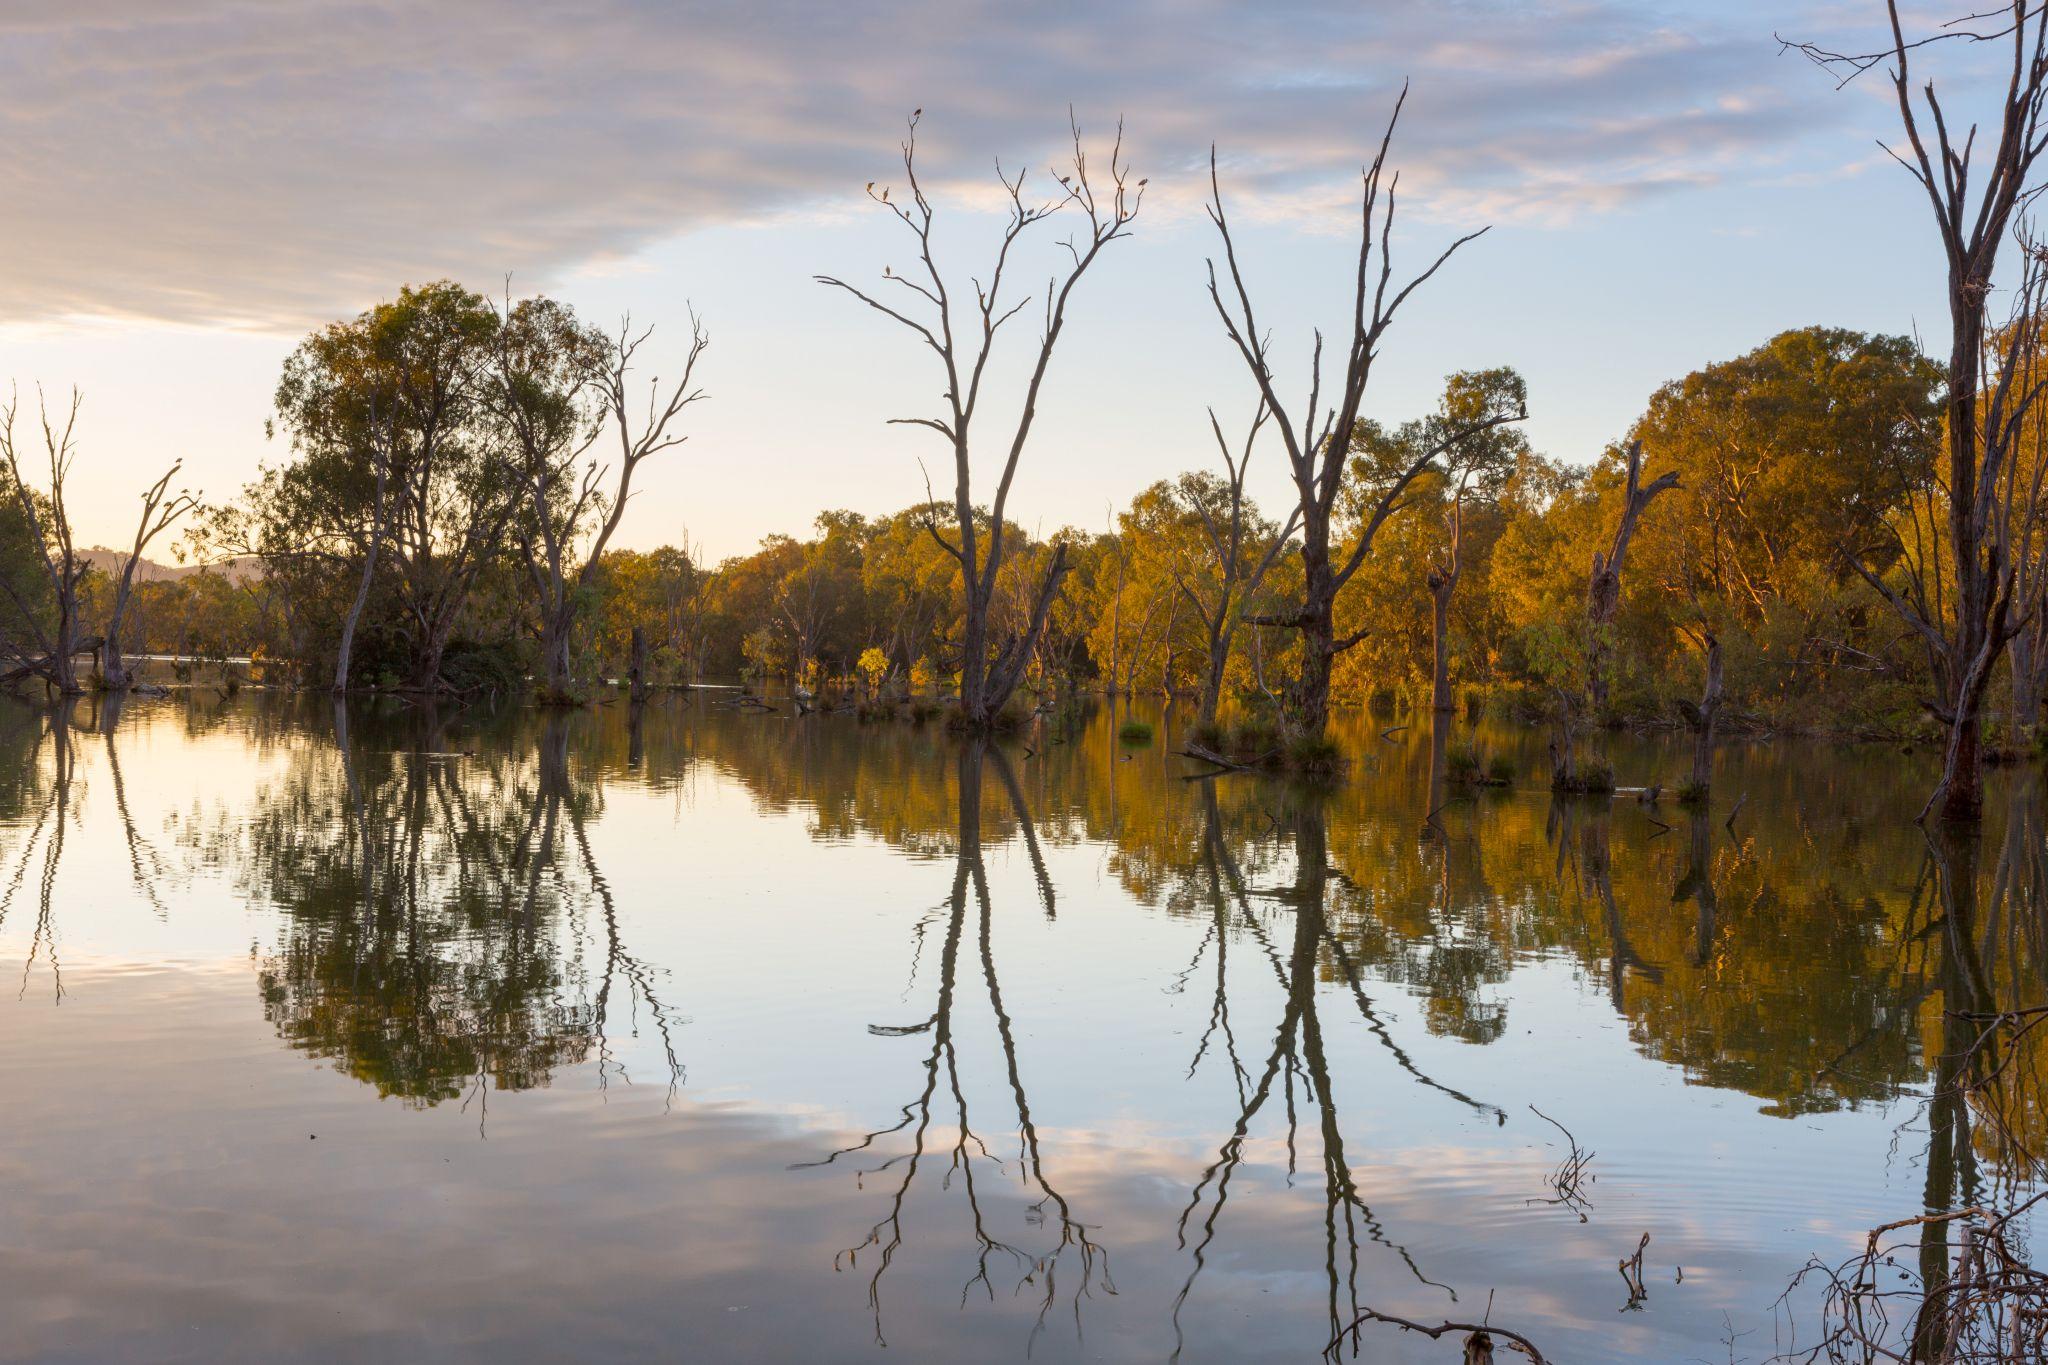 Albury Water Treatment Wetlands, Australia